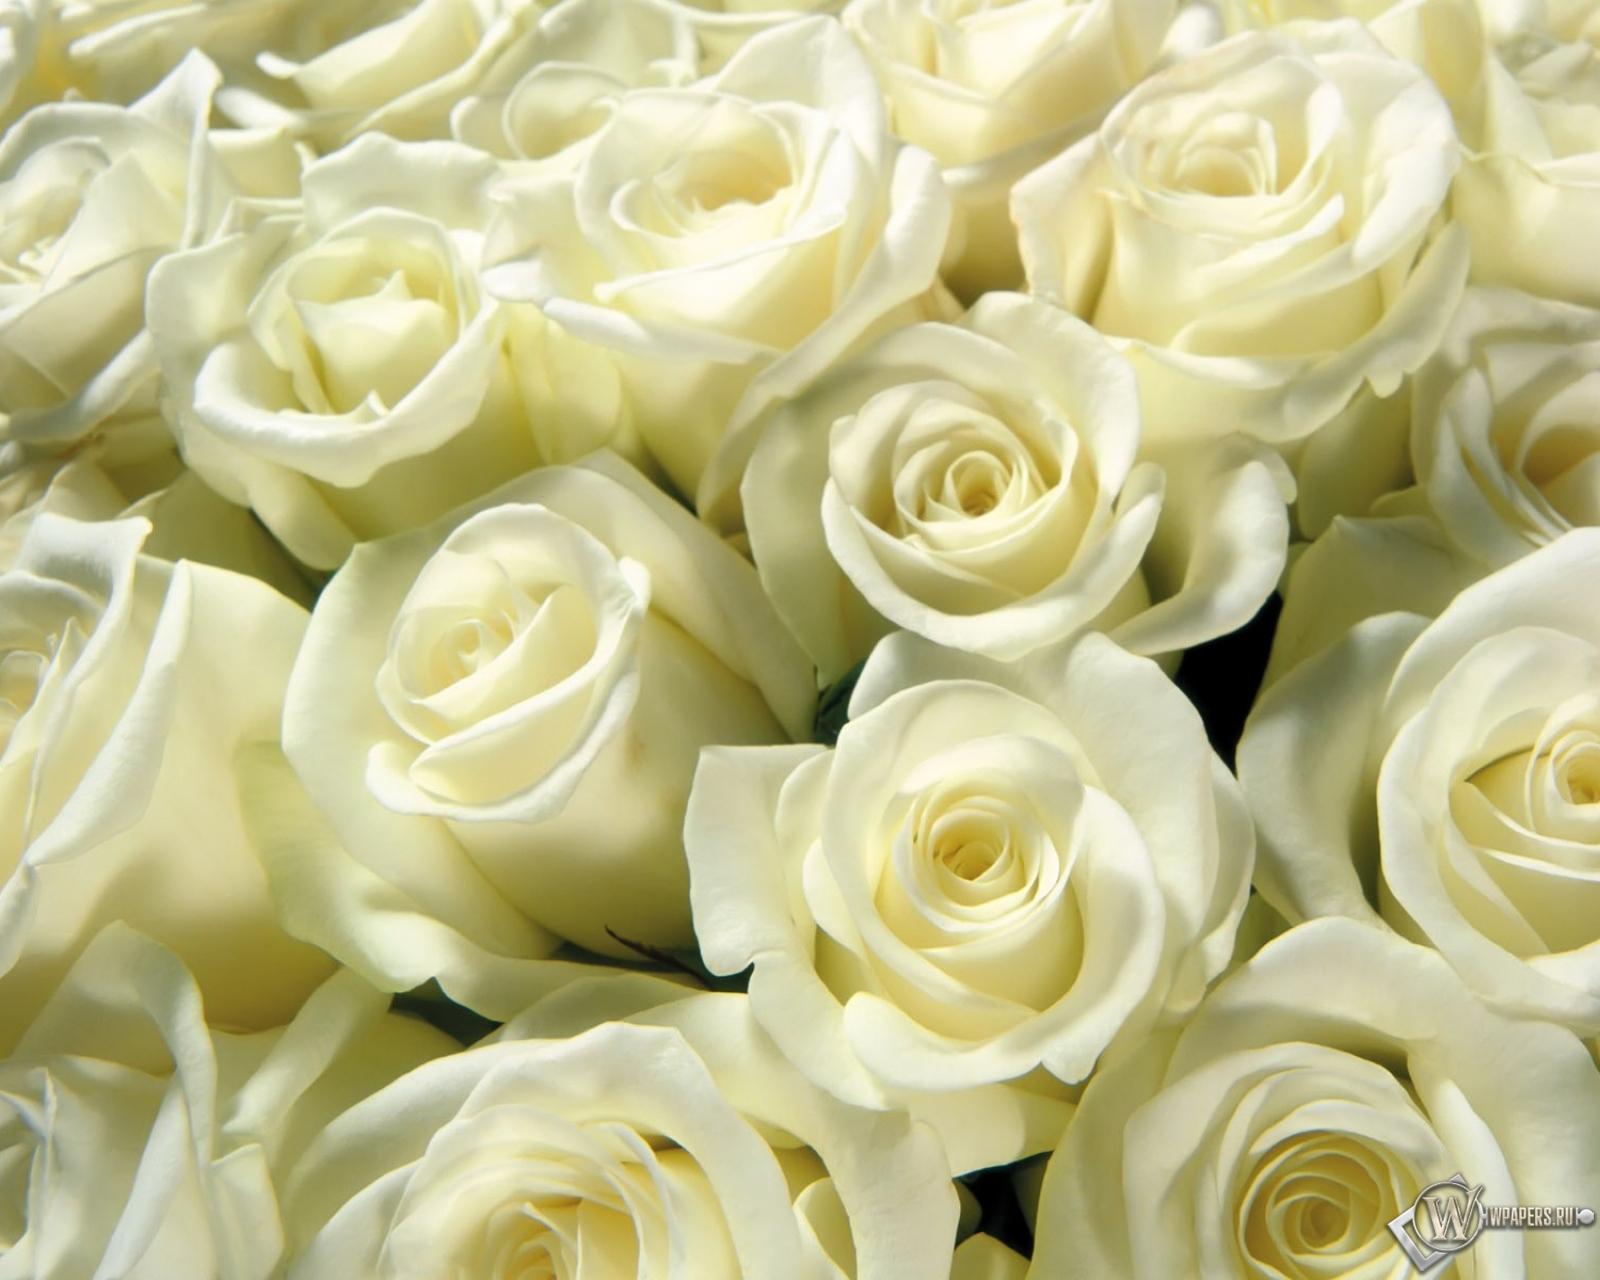 Бесплатно обои на рабочий стол розы